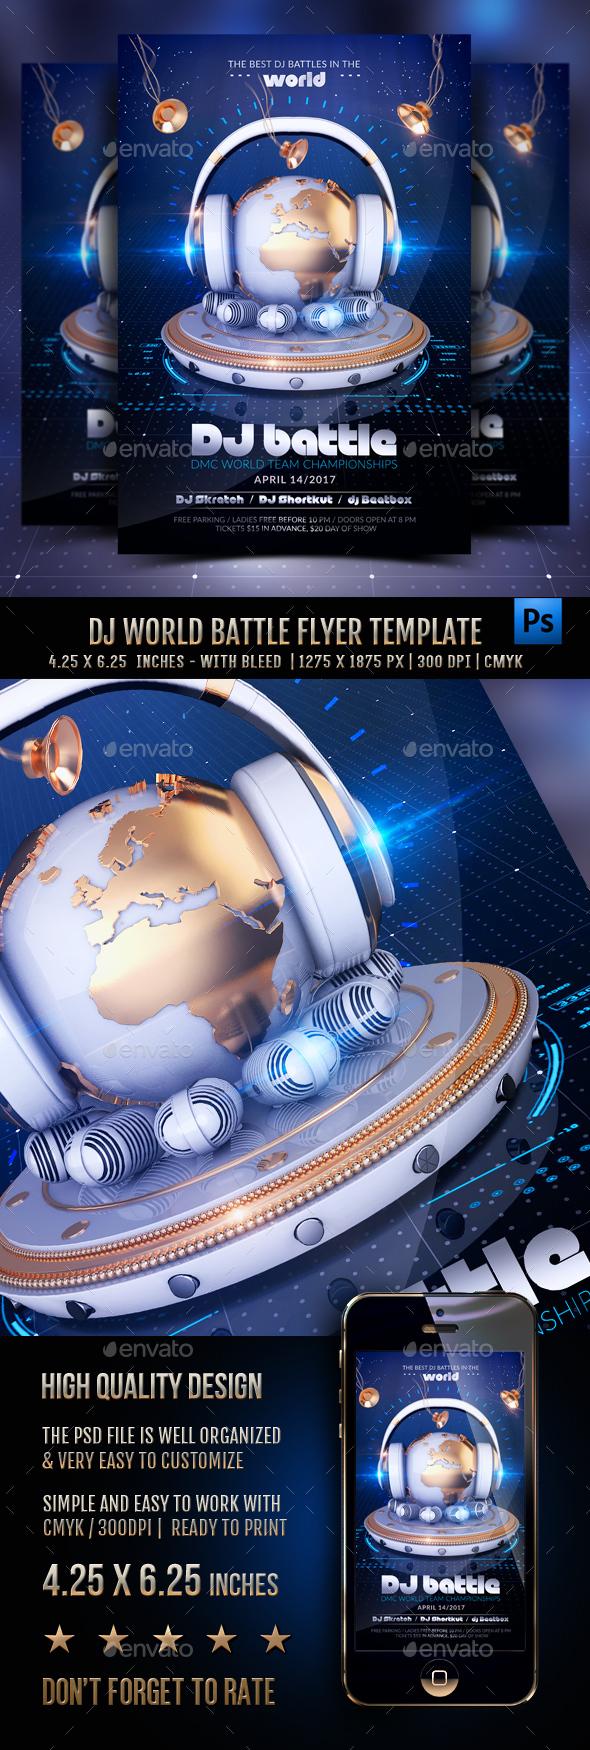 DJ World Battle Flyer Template - Clubs & Parties Events